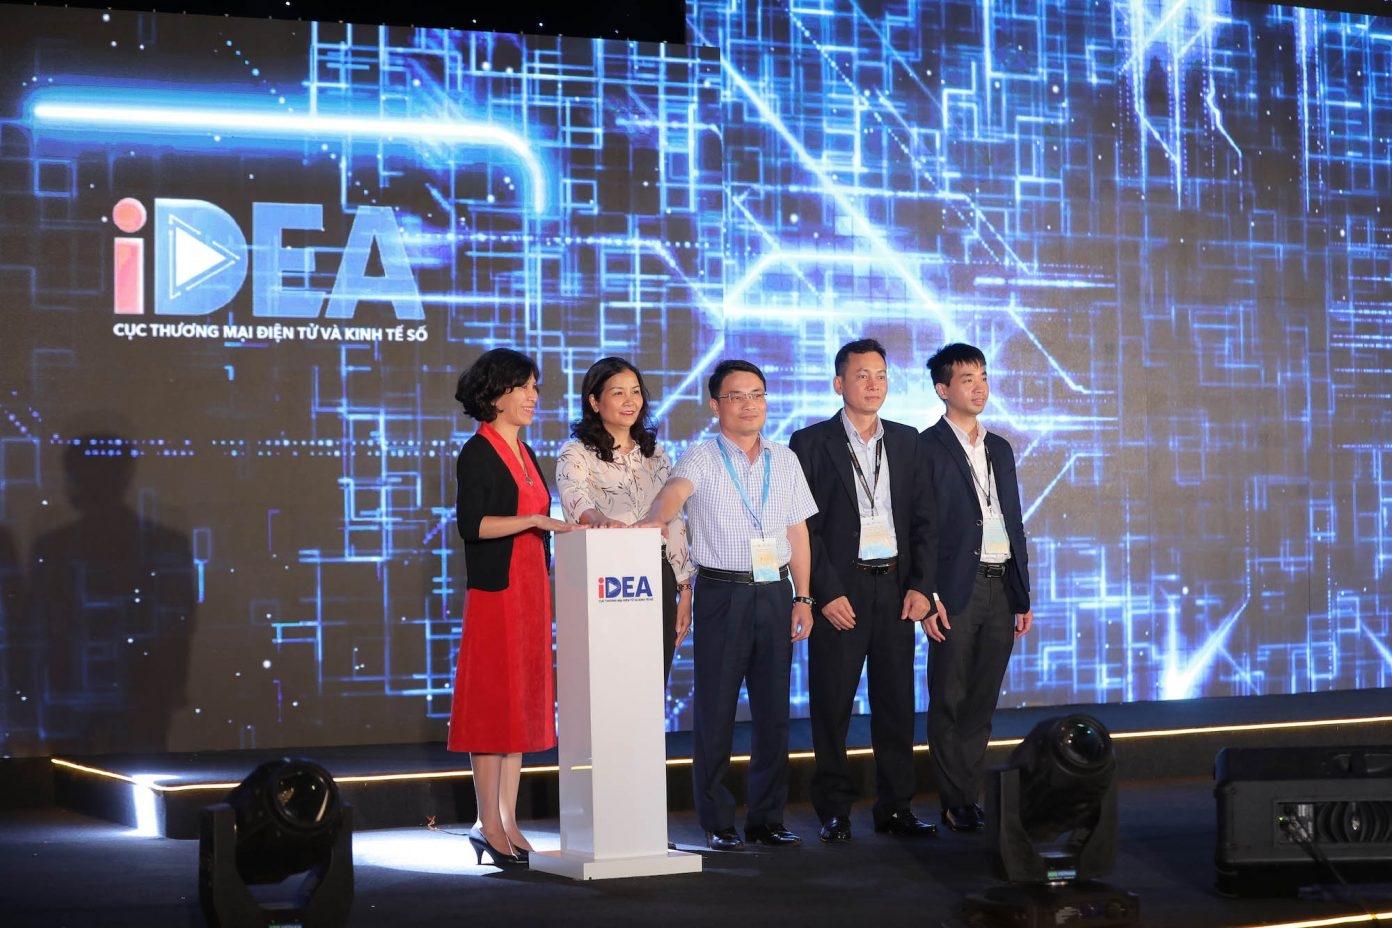 IDEA - Amazon miễn phí hỗ trợ doanh nghiệp Việt tham gia thương mại điện tử